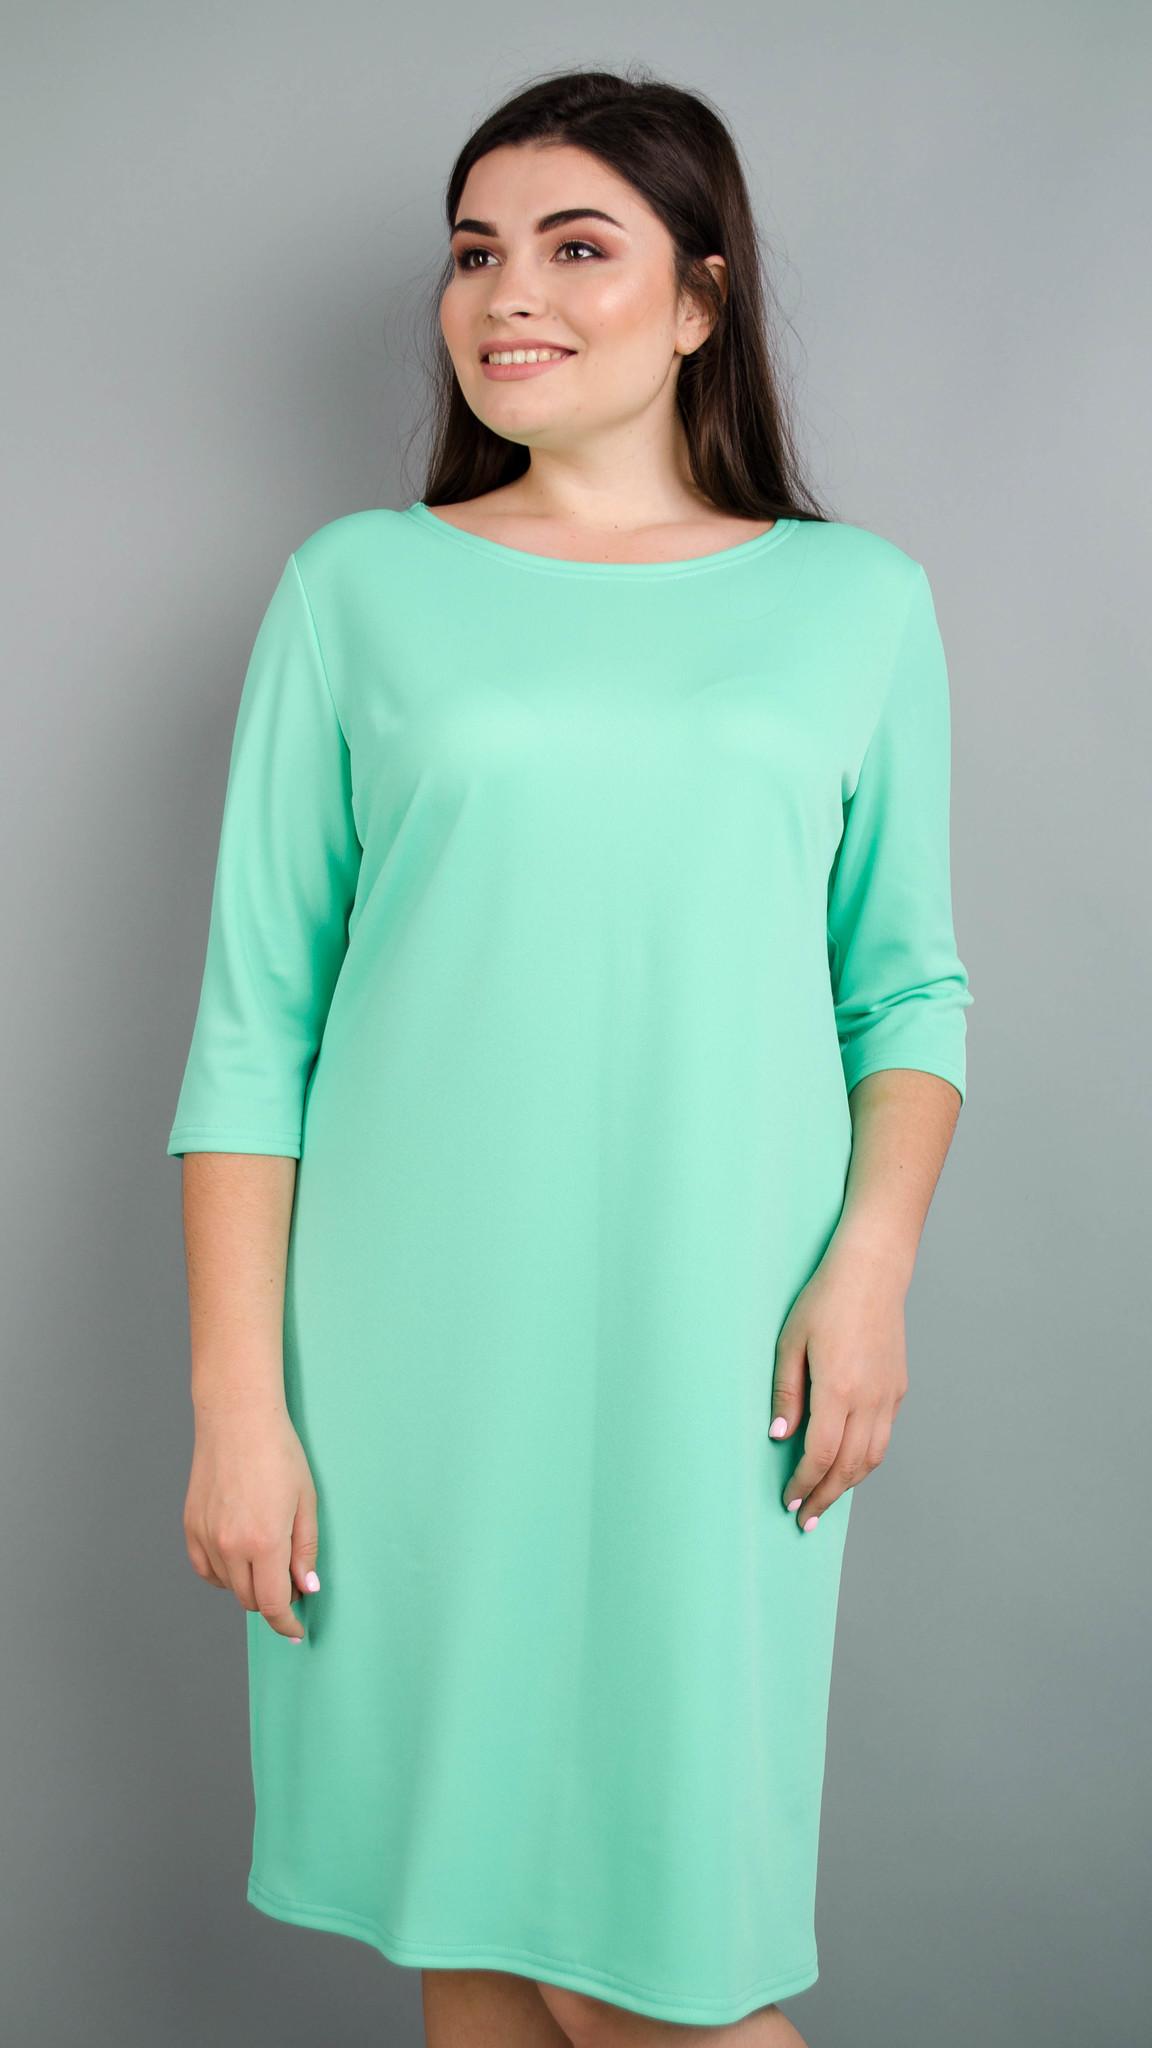 Універсальна сукня великих розмірів. М ята. 0b85375fc0e56